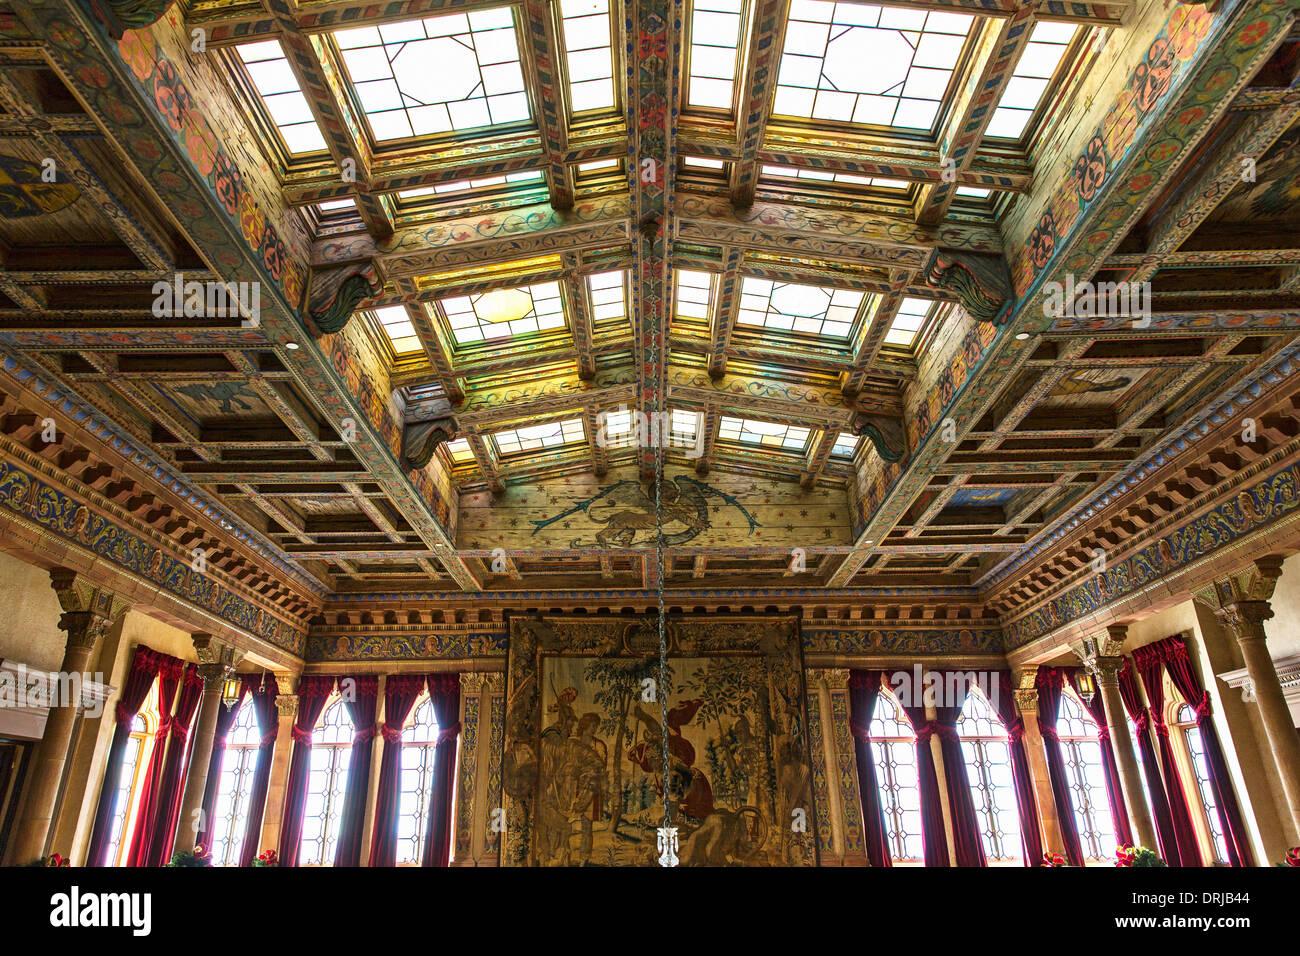 Ee.Uu.,Florida,Sarasota, John y Mable Ringling Museum of Art, el detalle del techo de la sala principal, la arquitectura Imagen De Stock